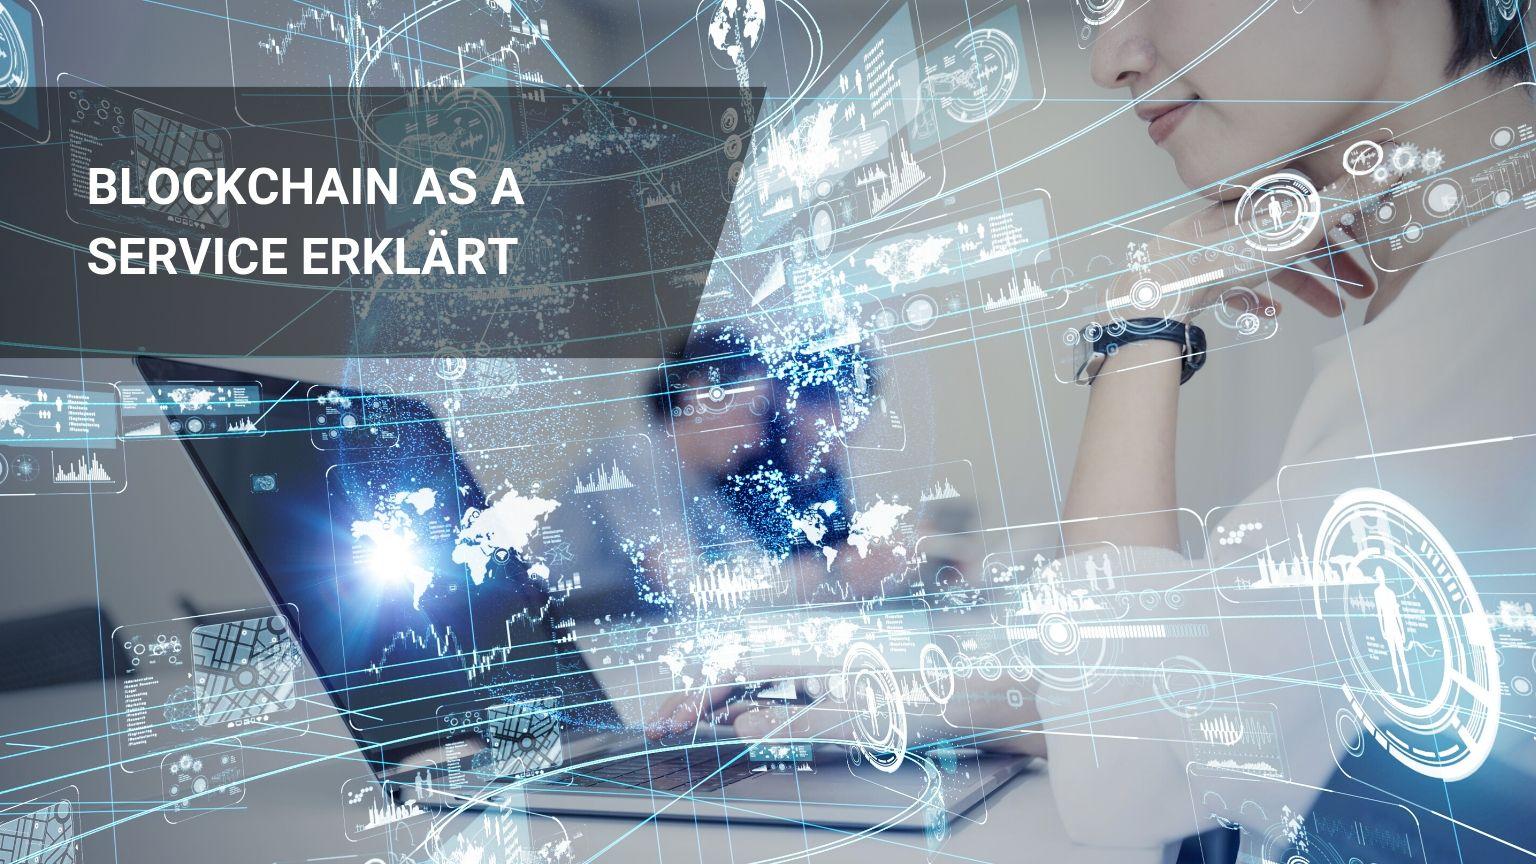 Blockchain as a Service erklärt: Beste Erklärung